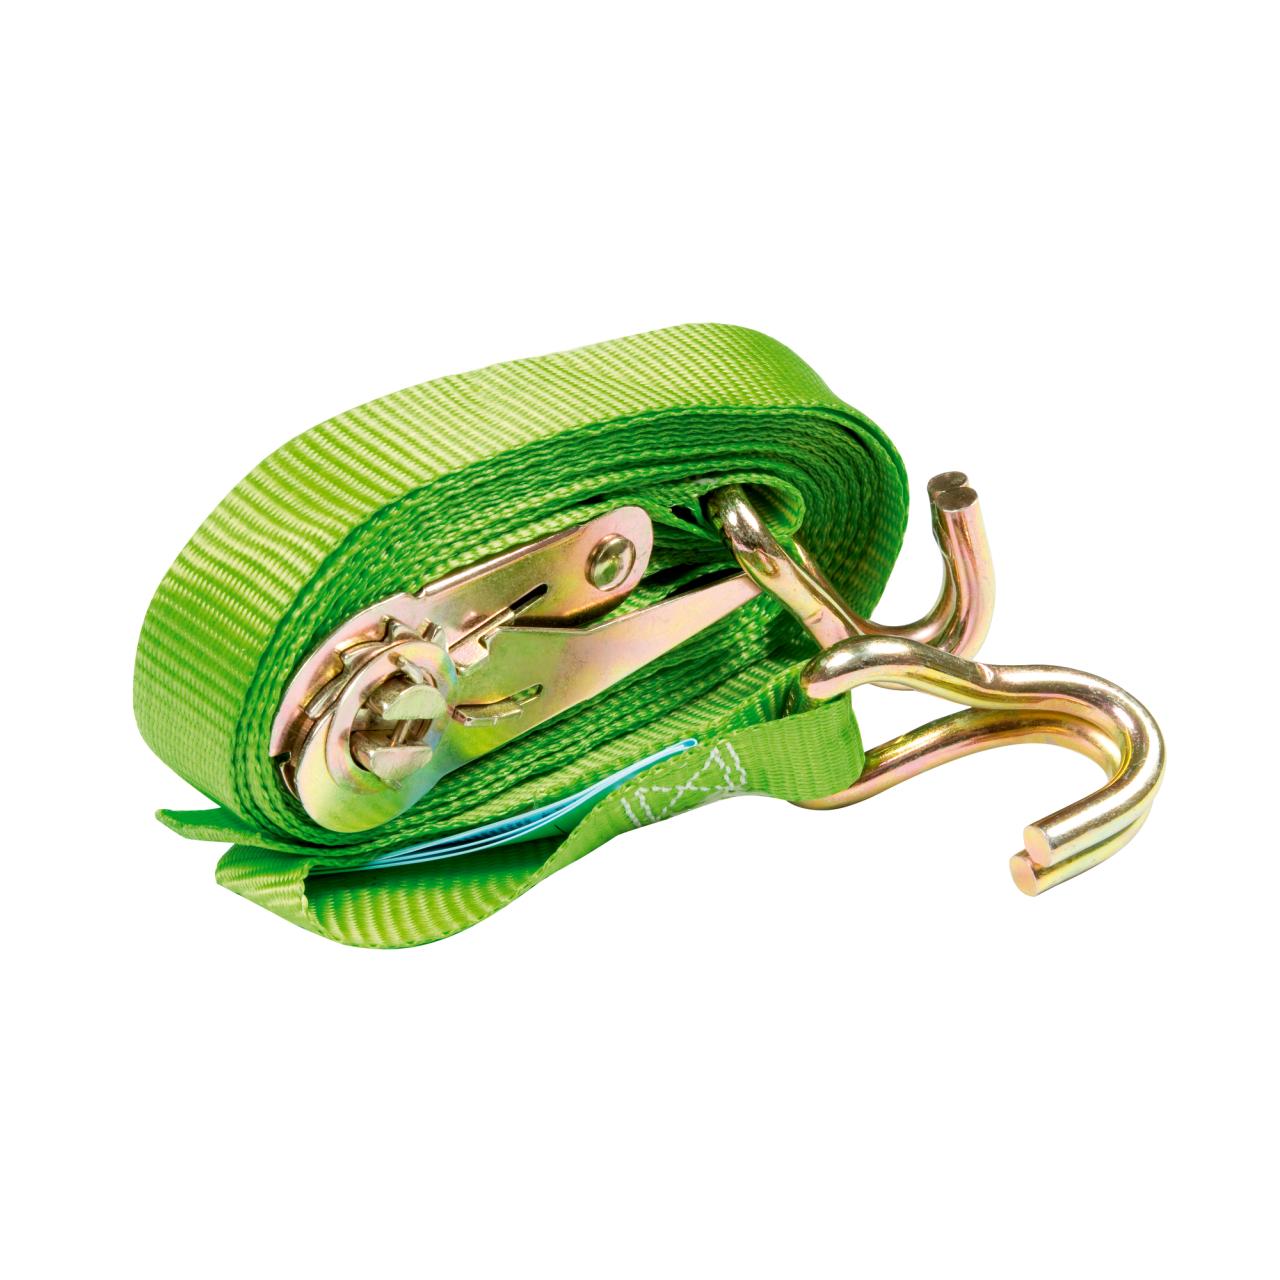 Zurrgurt grün 2-teilig